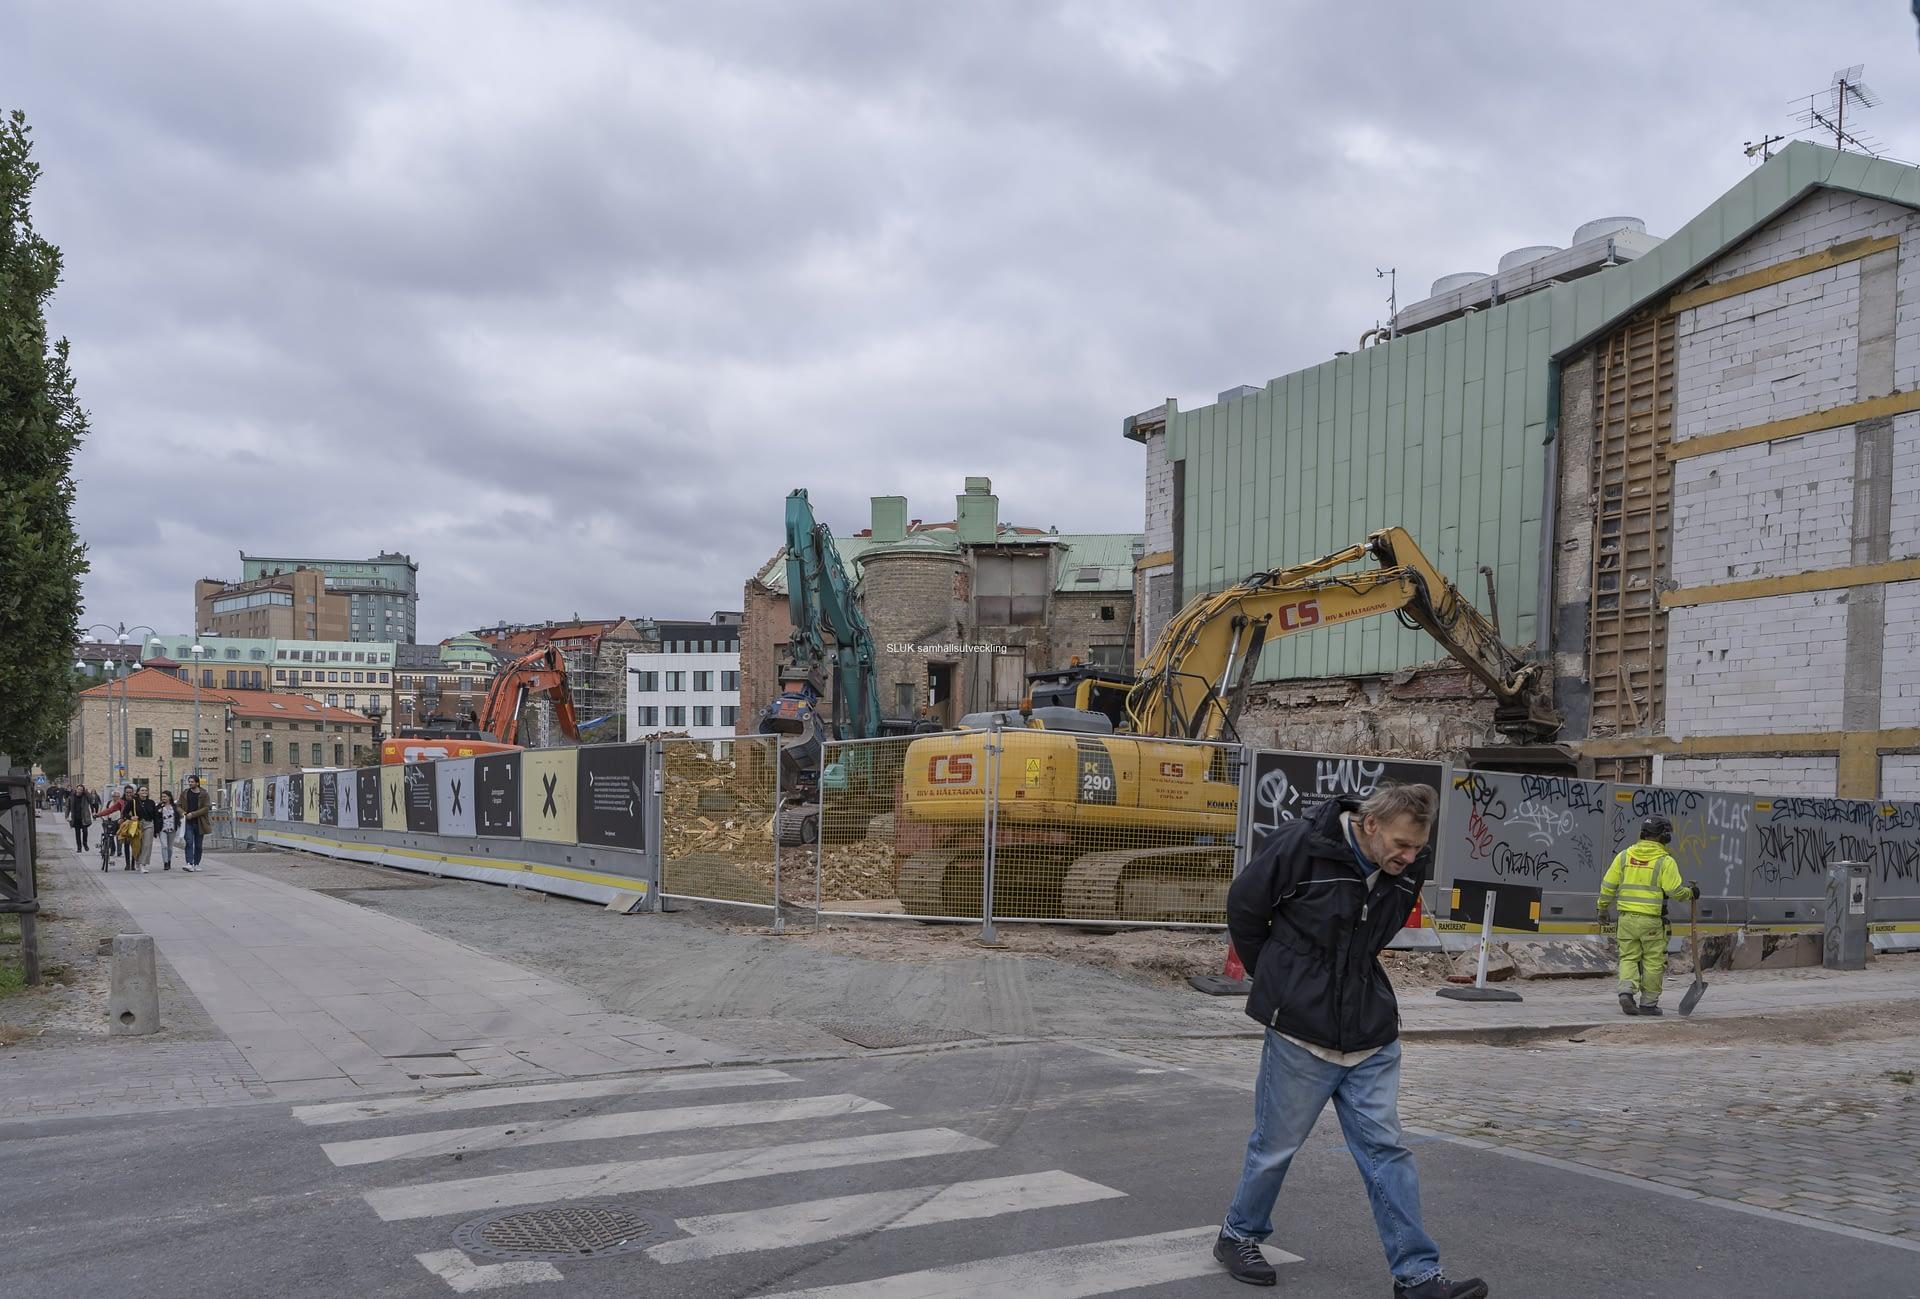 På Järntorget i kvarteret Röda Bryggan  pågår fortfarande rivning av fastigheten .